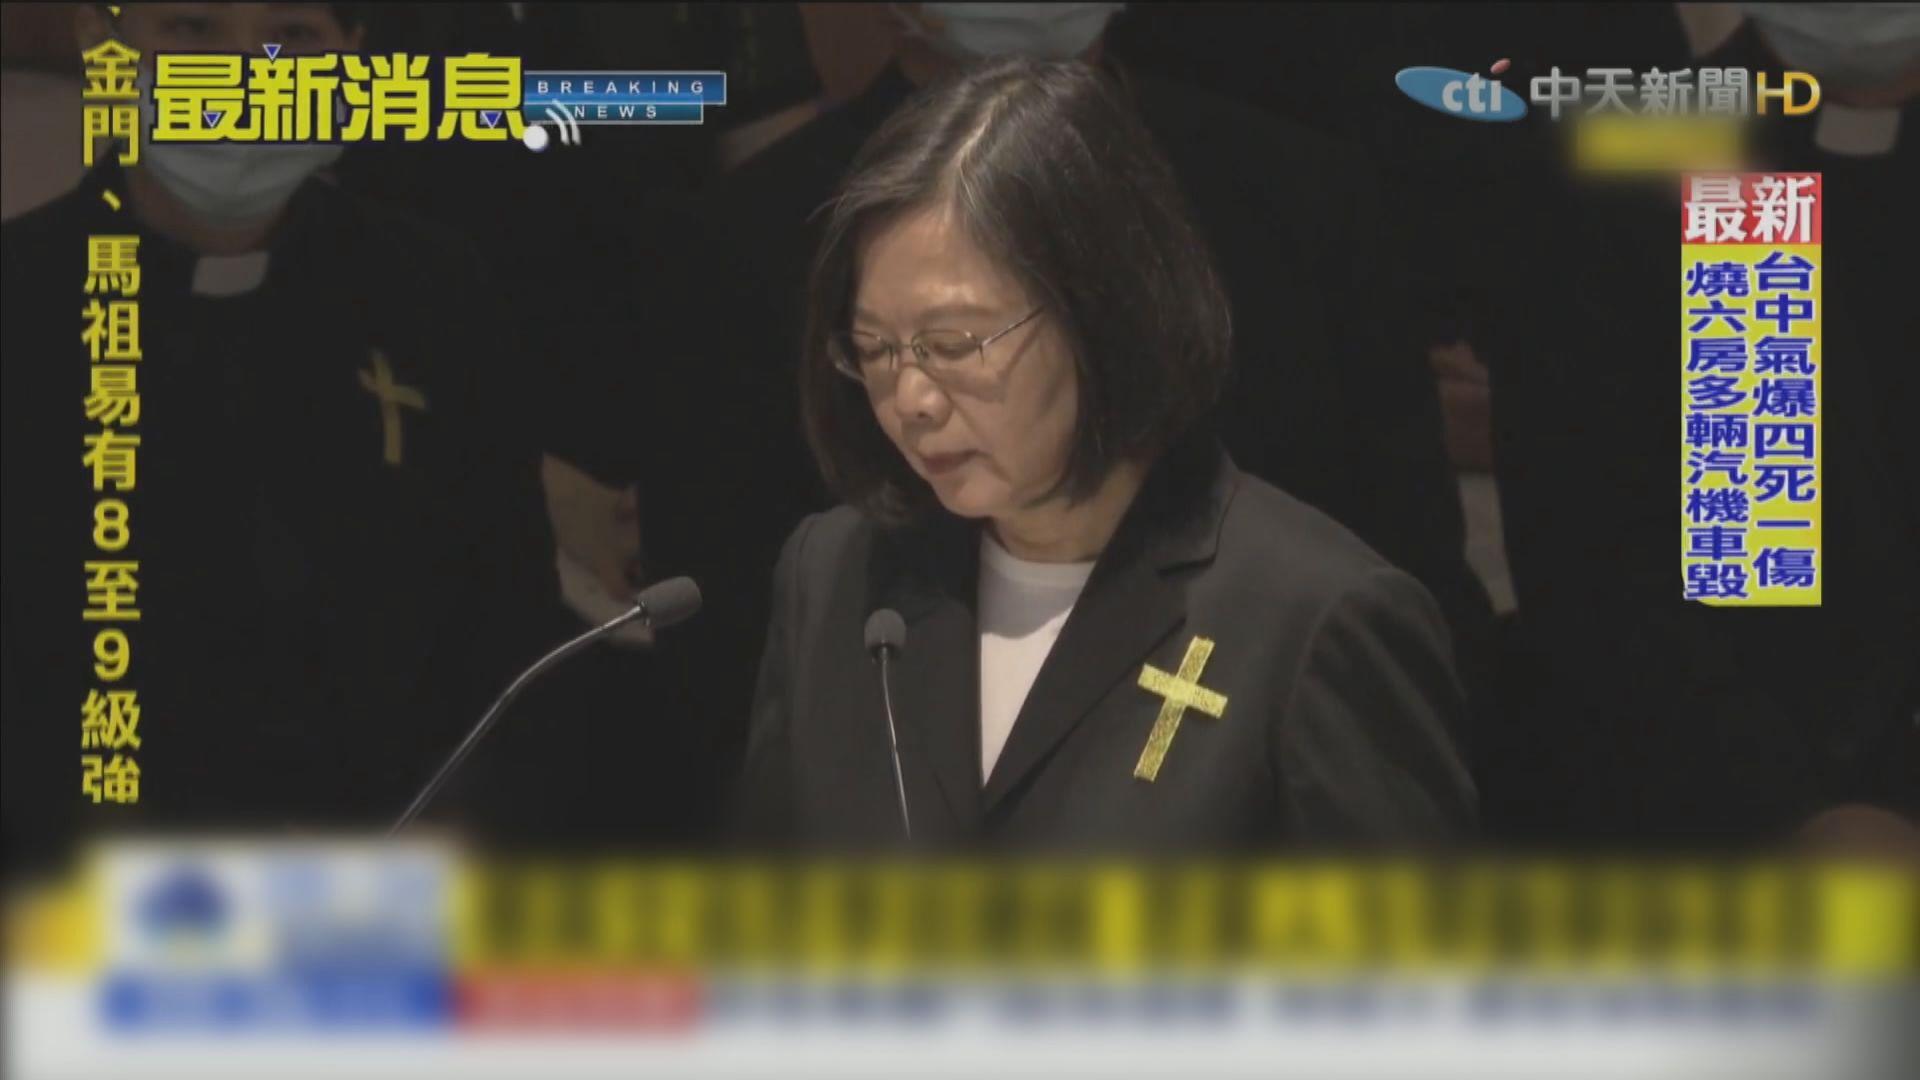 【追思告別禮拜】蔡英文感謝李登輝一生貢獻台灣